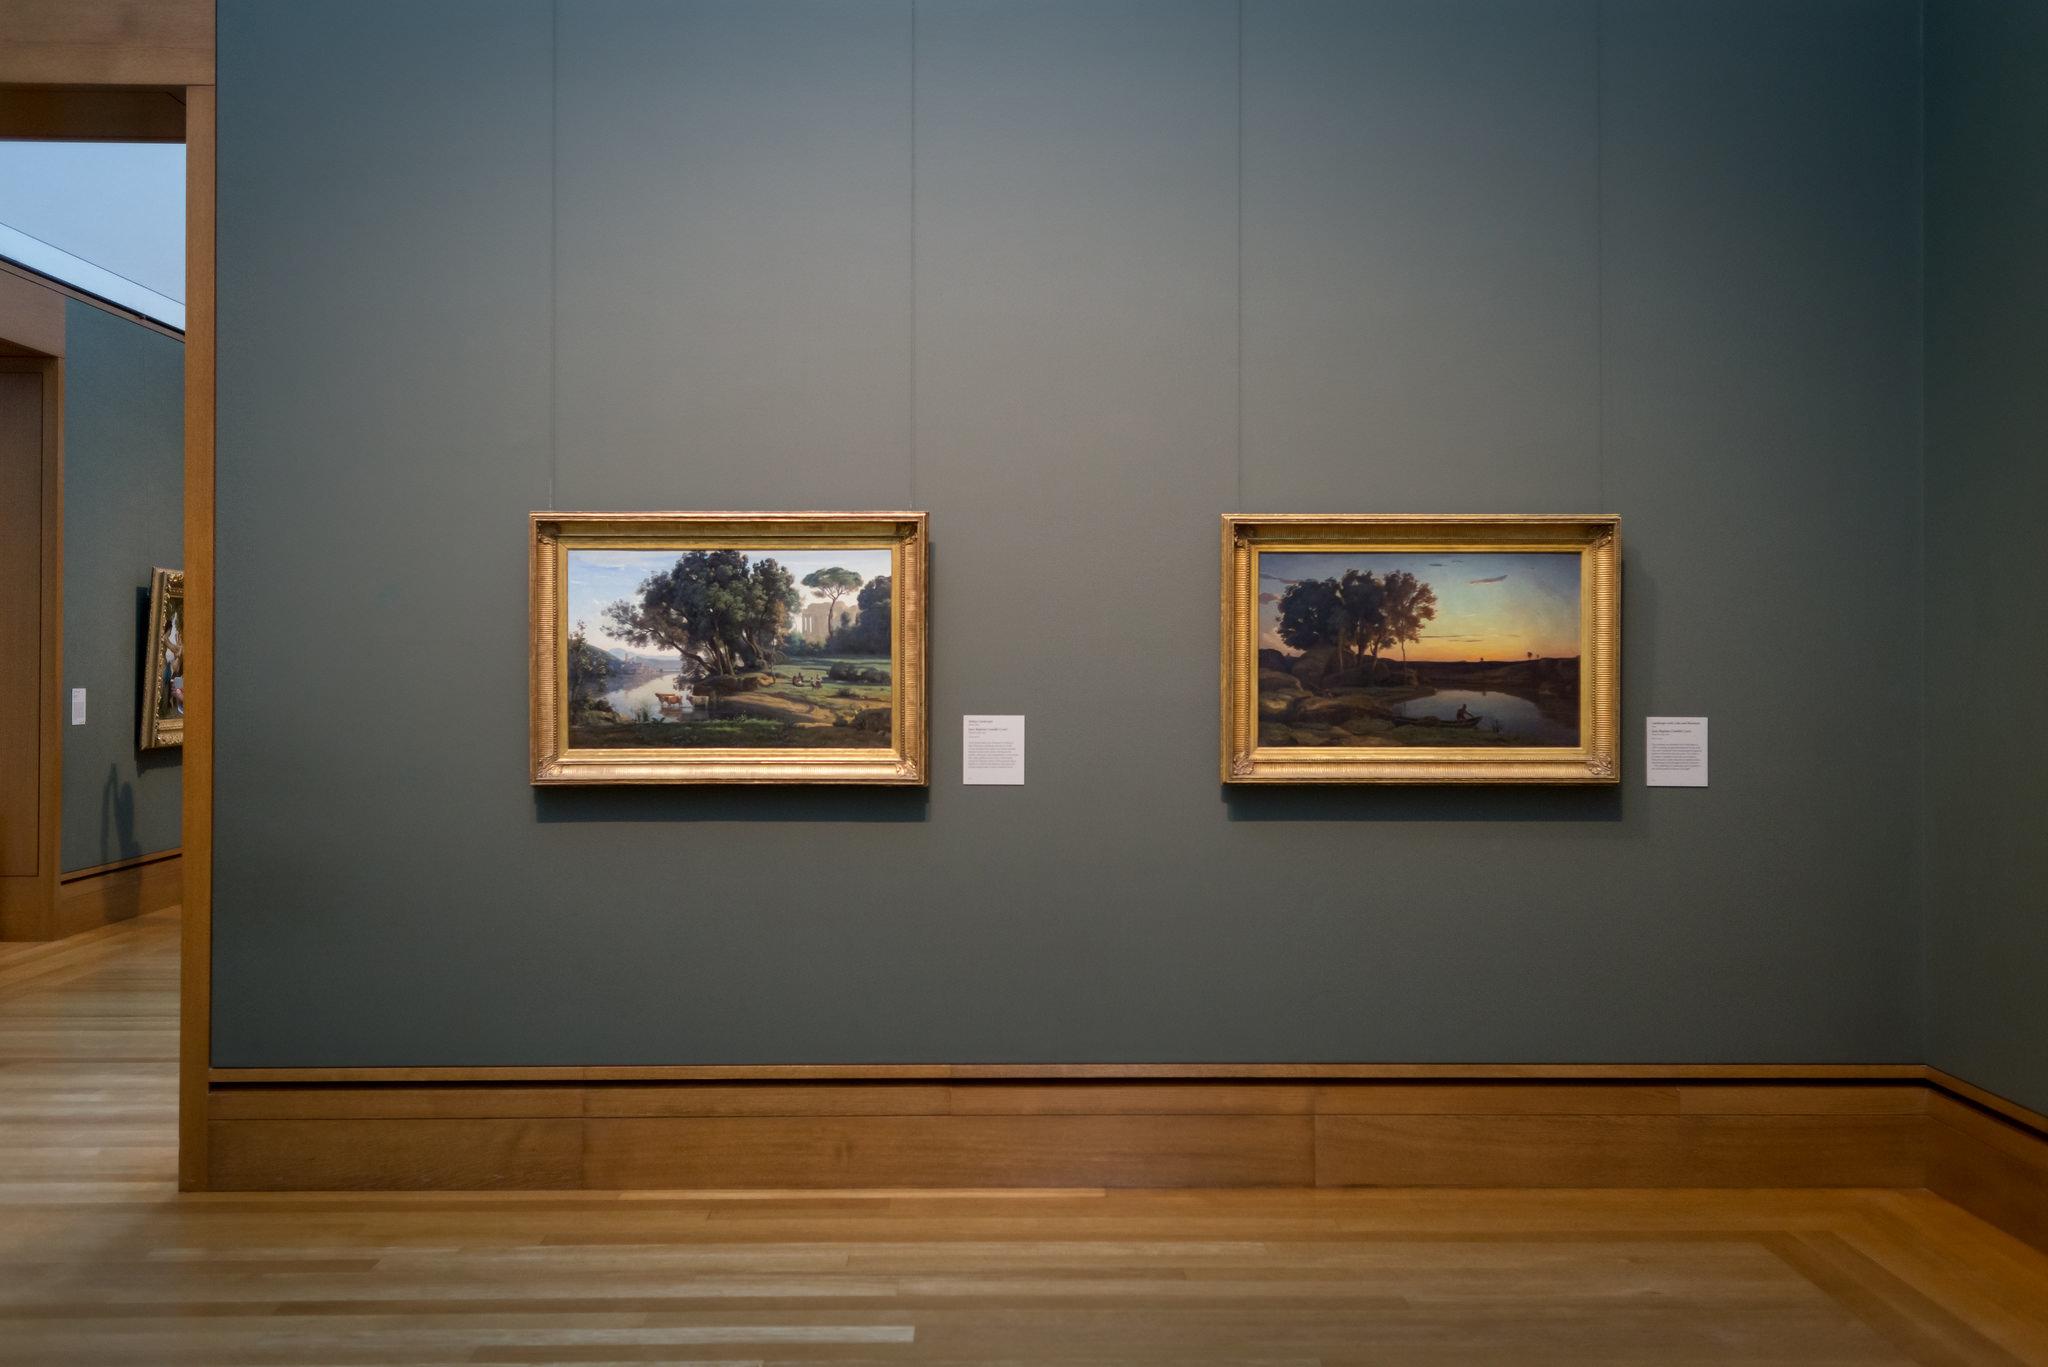 Признанием, картинки галереи